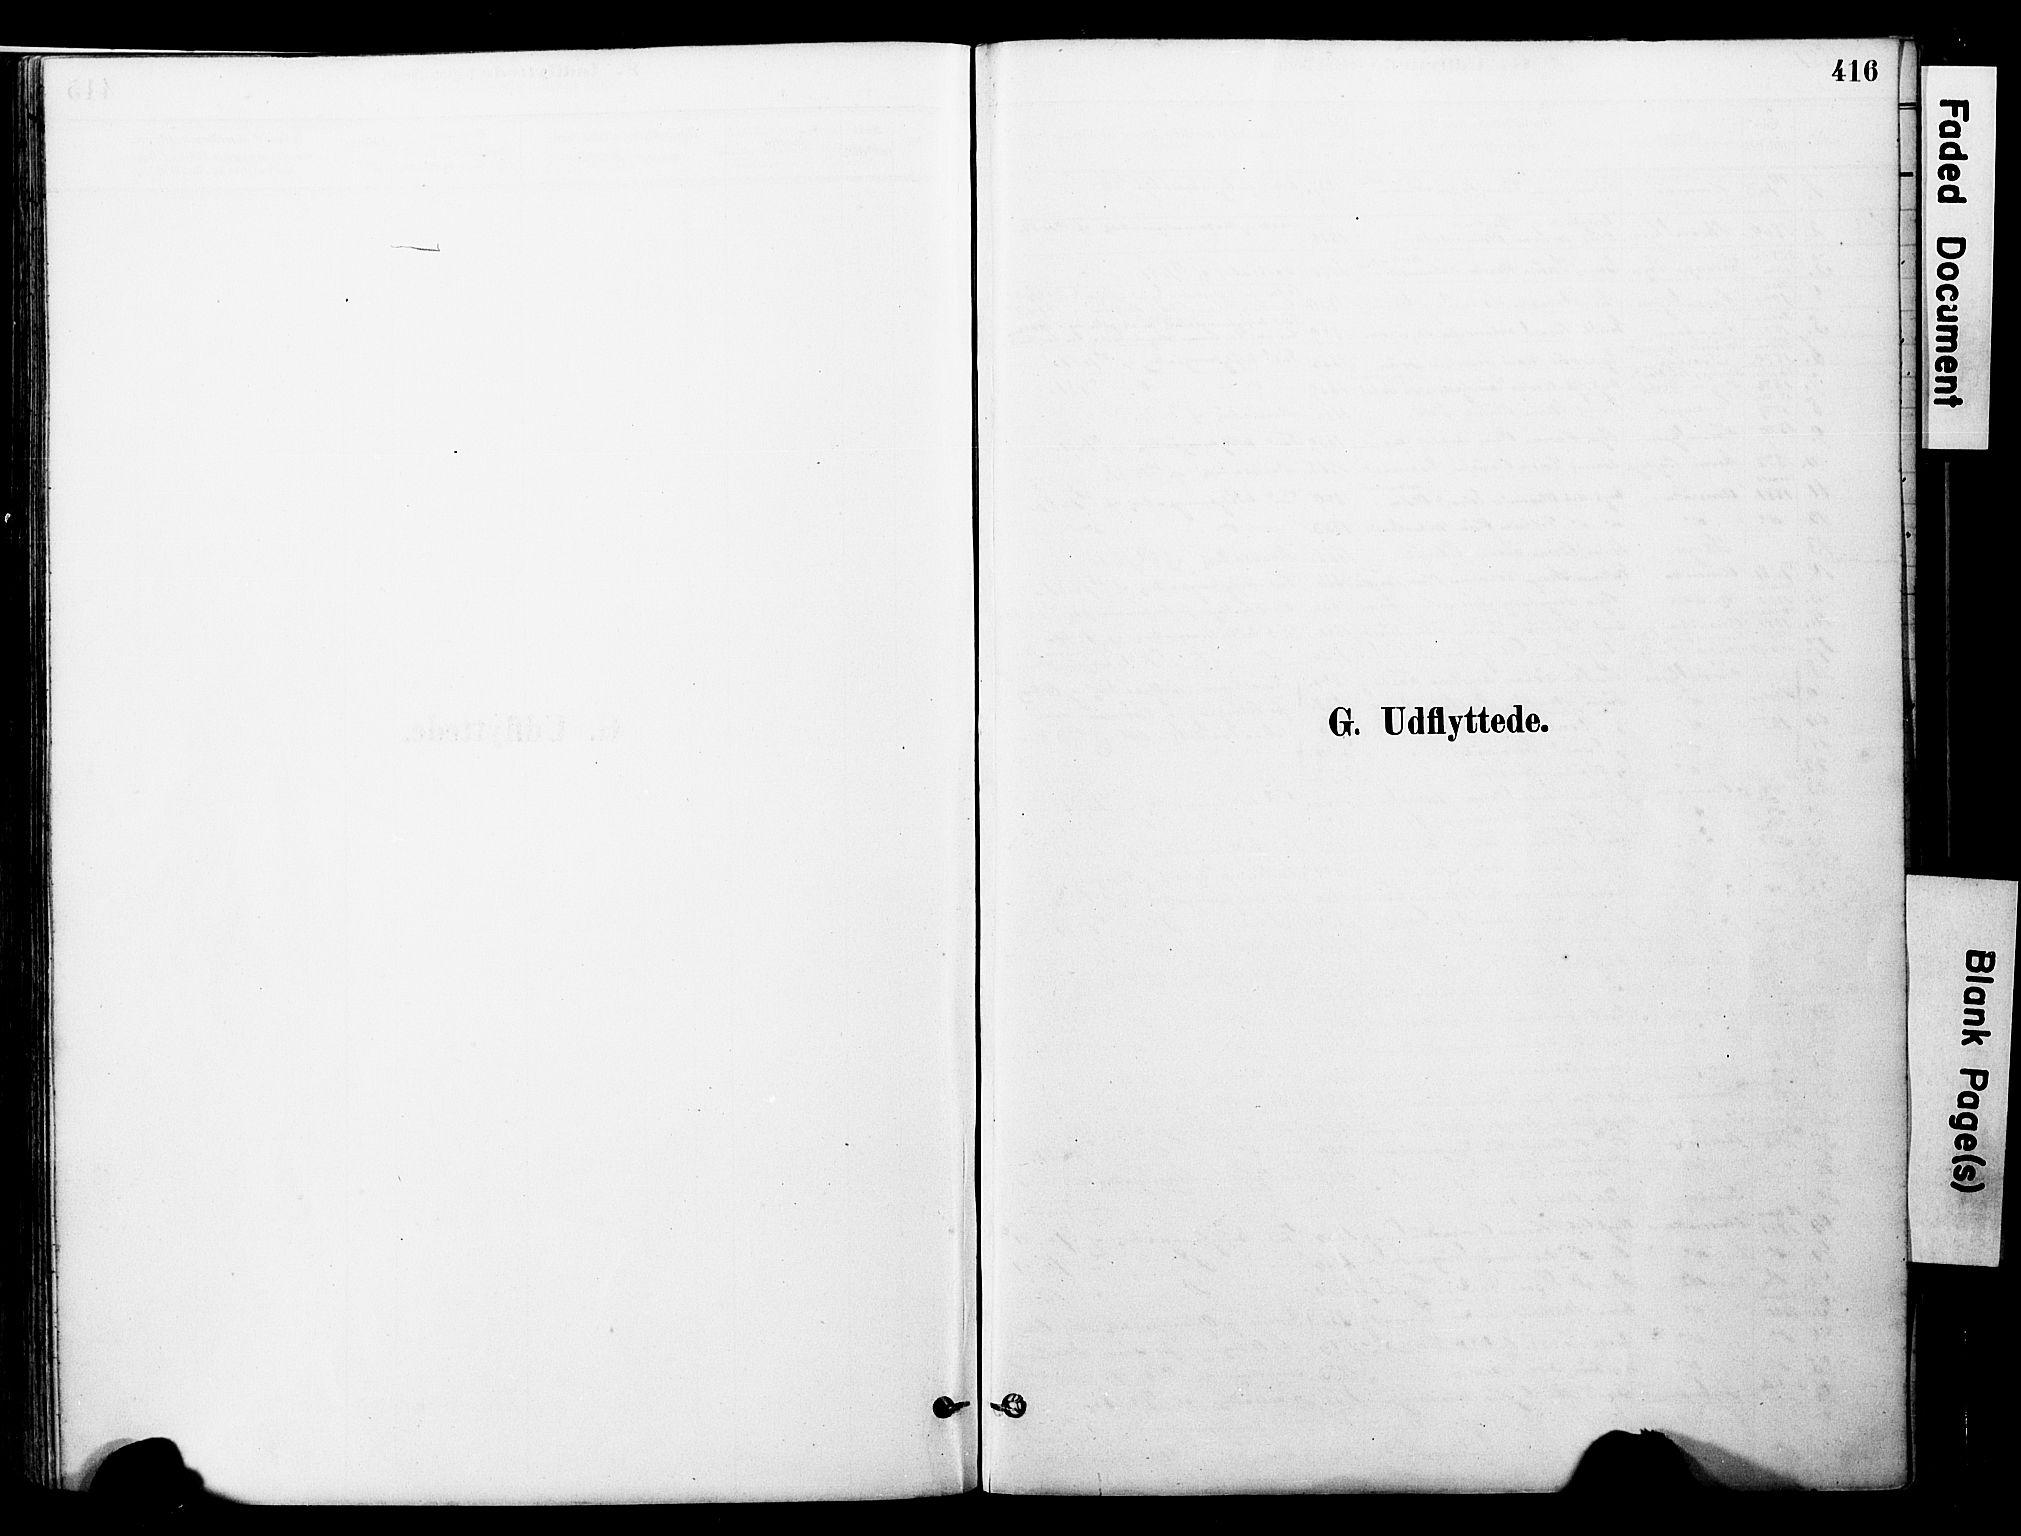 SAT, Ministerialprotokoller, klokkerbøker og fødselsregistre - Nord-Trøndelag, 723/L0244: Ministerialbok nr. 723A13, 1881-1899, s. 416